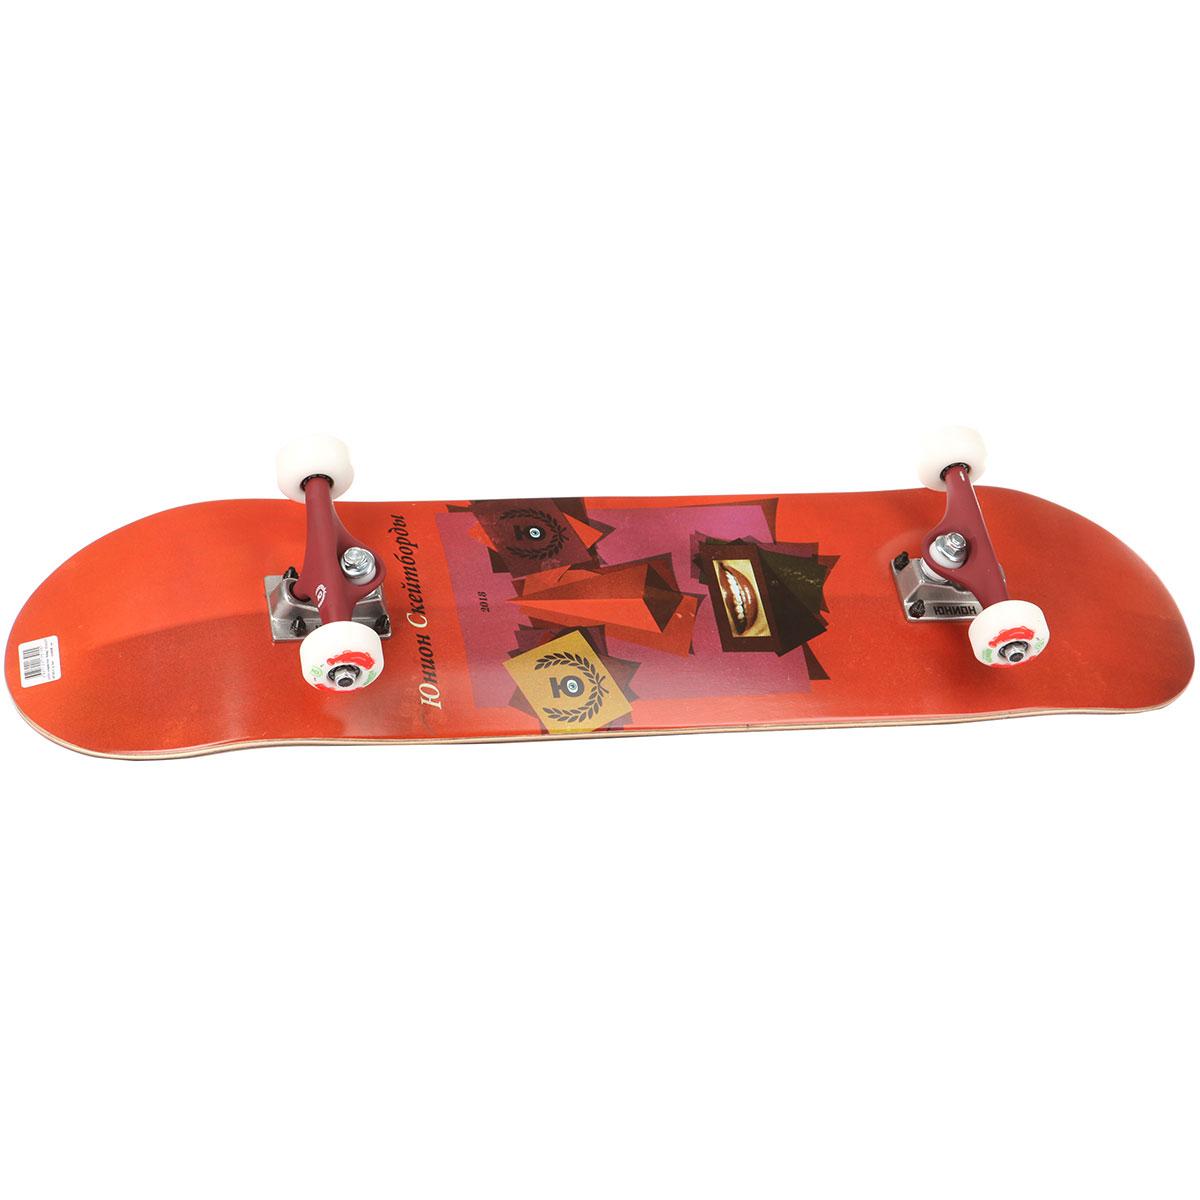 6f3ea2c1133ece Купить скейтборд в сборе юнион Face Red 31.875 x 7.875 (17.8 см) в ...